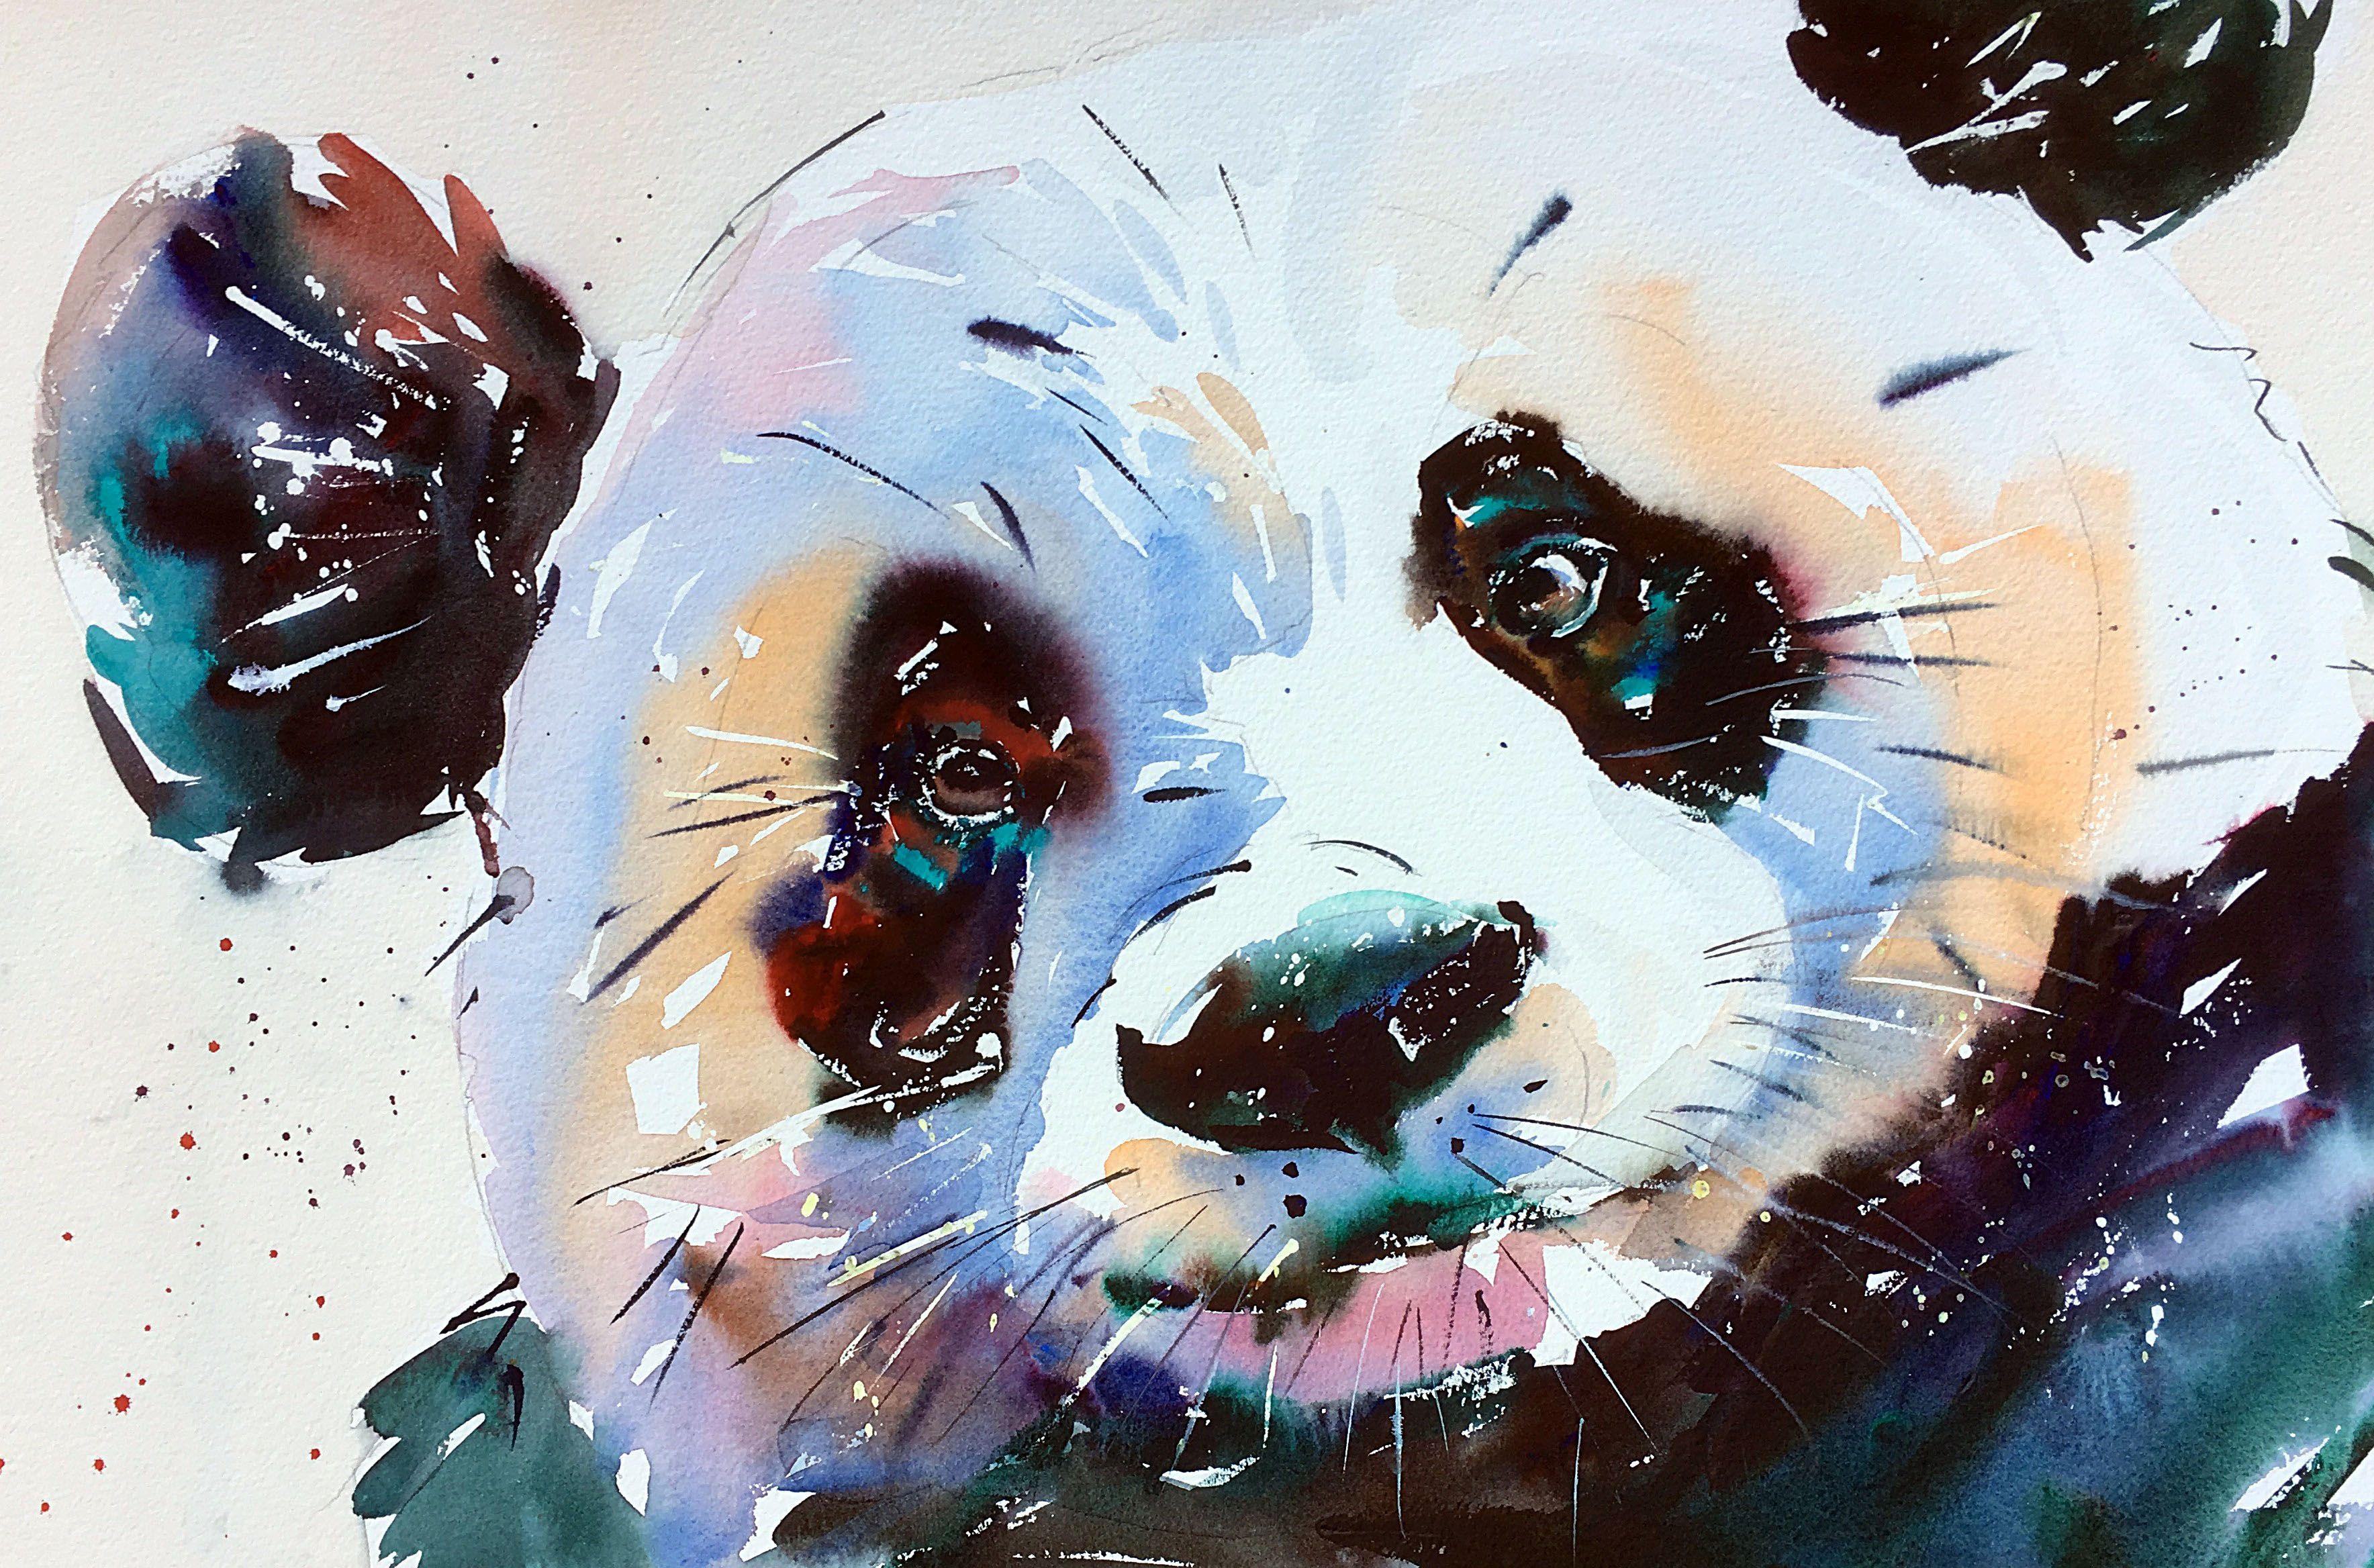 Panda-ing